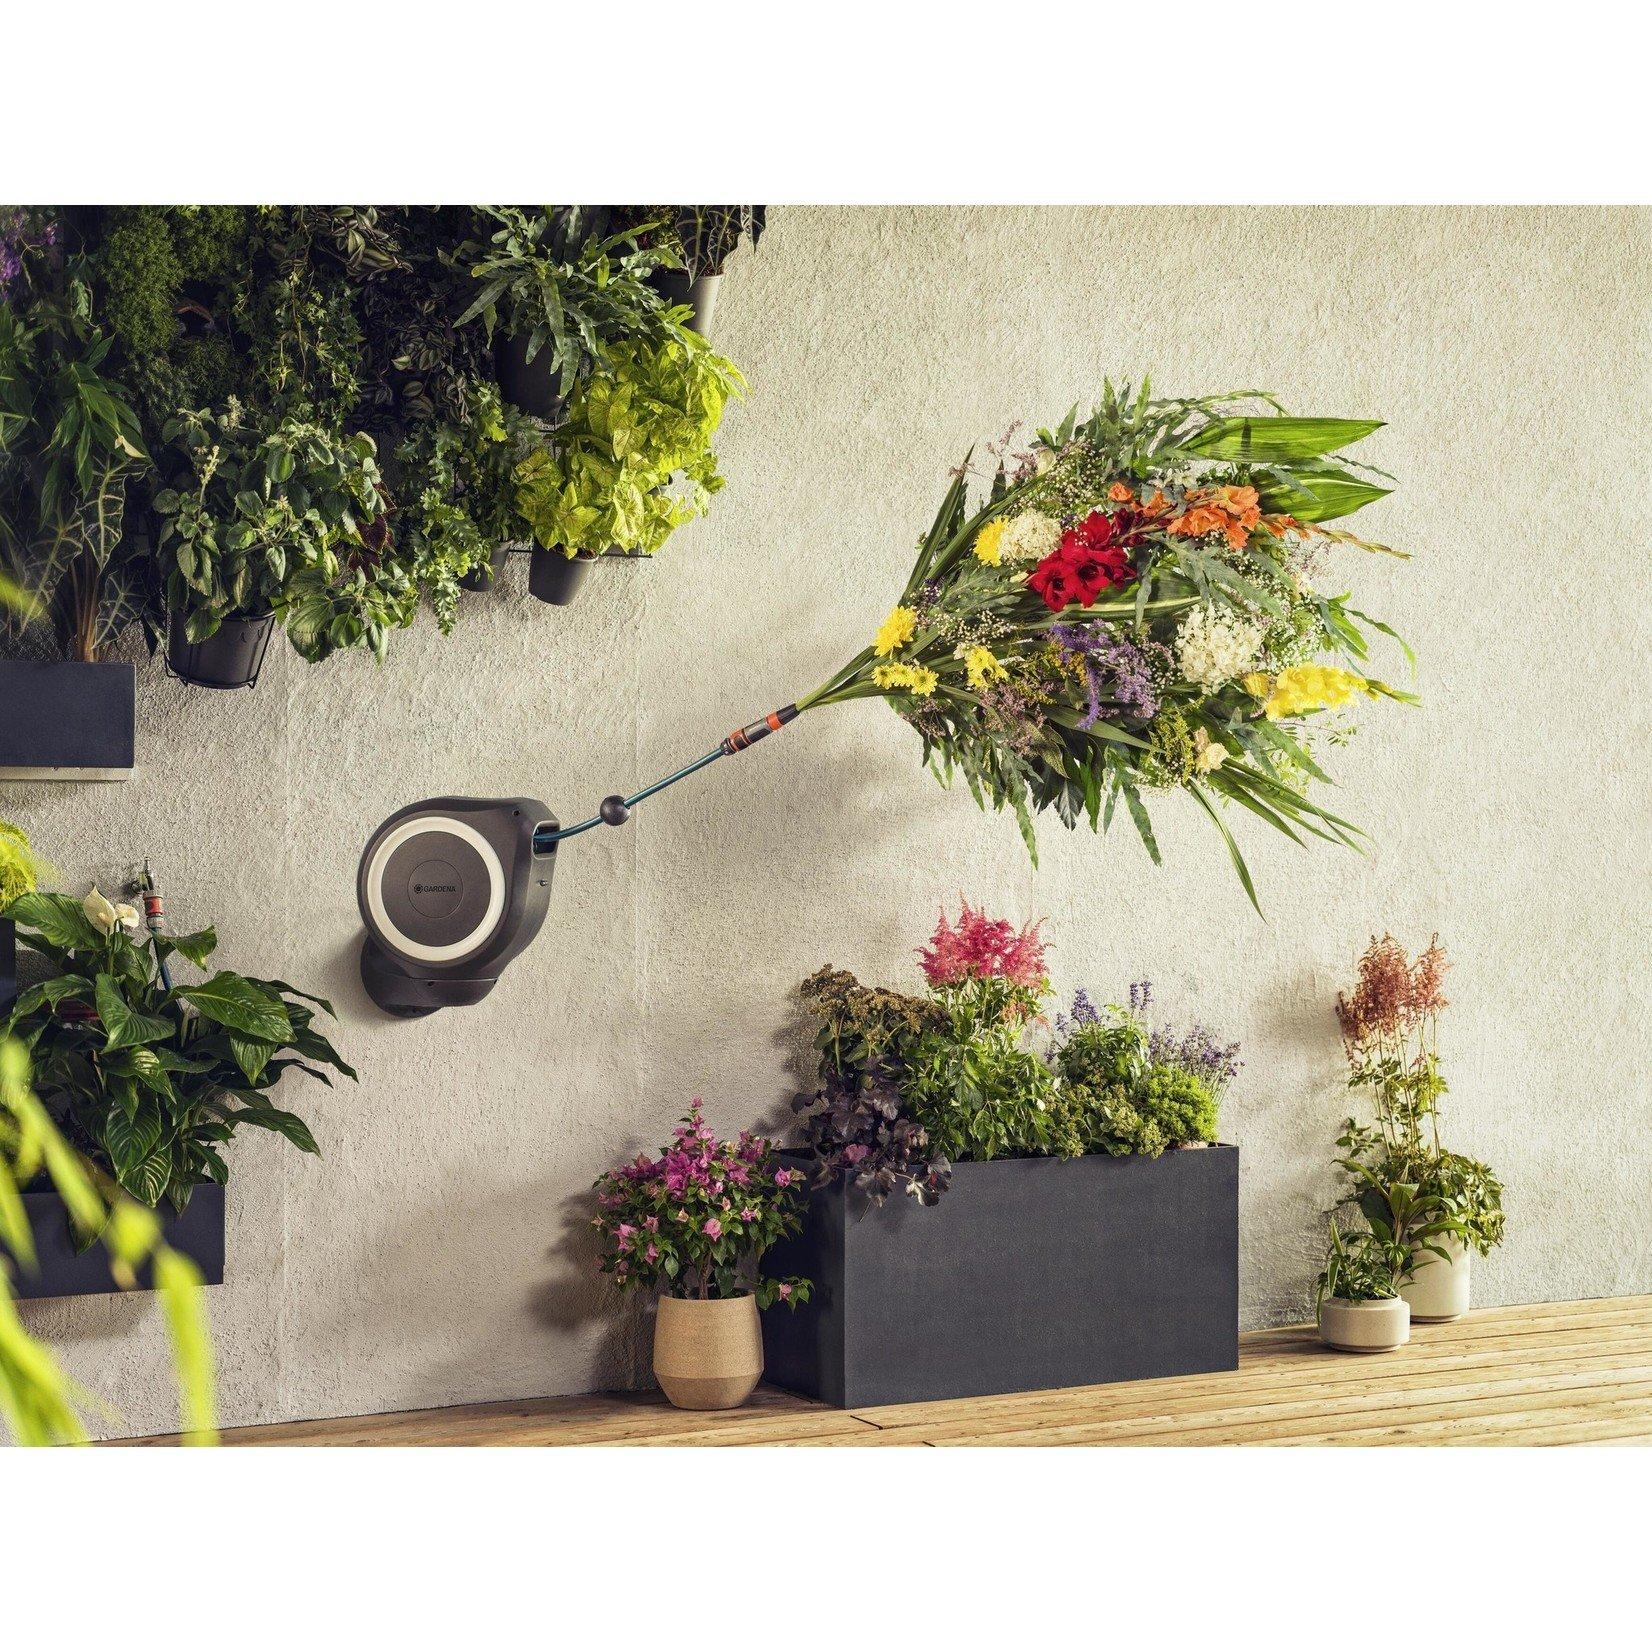 Gardena Gardena Wandslangenbox 15 RollUp S wit